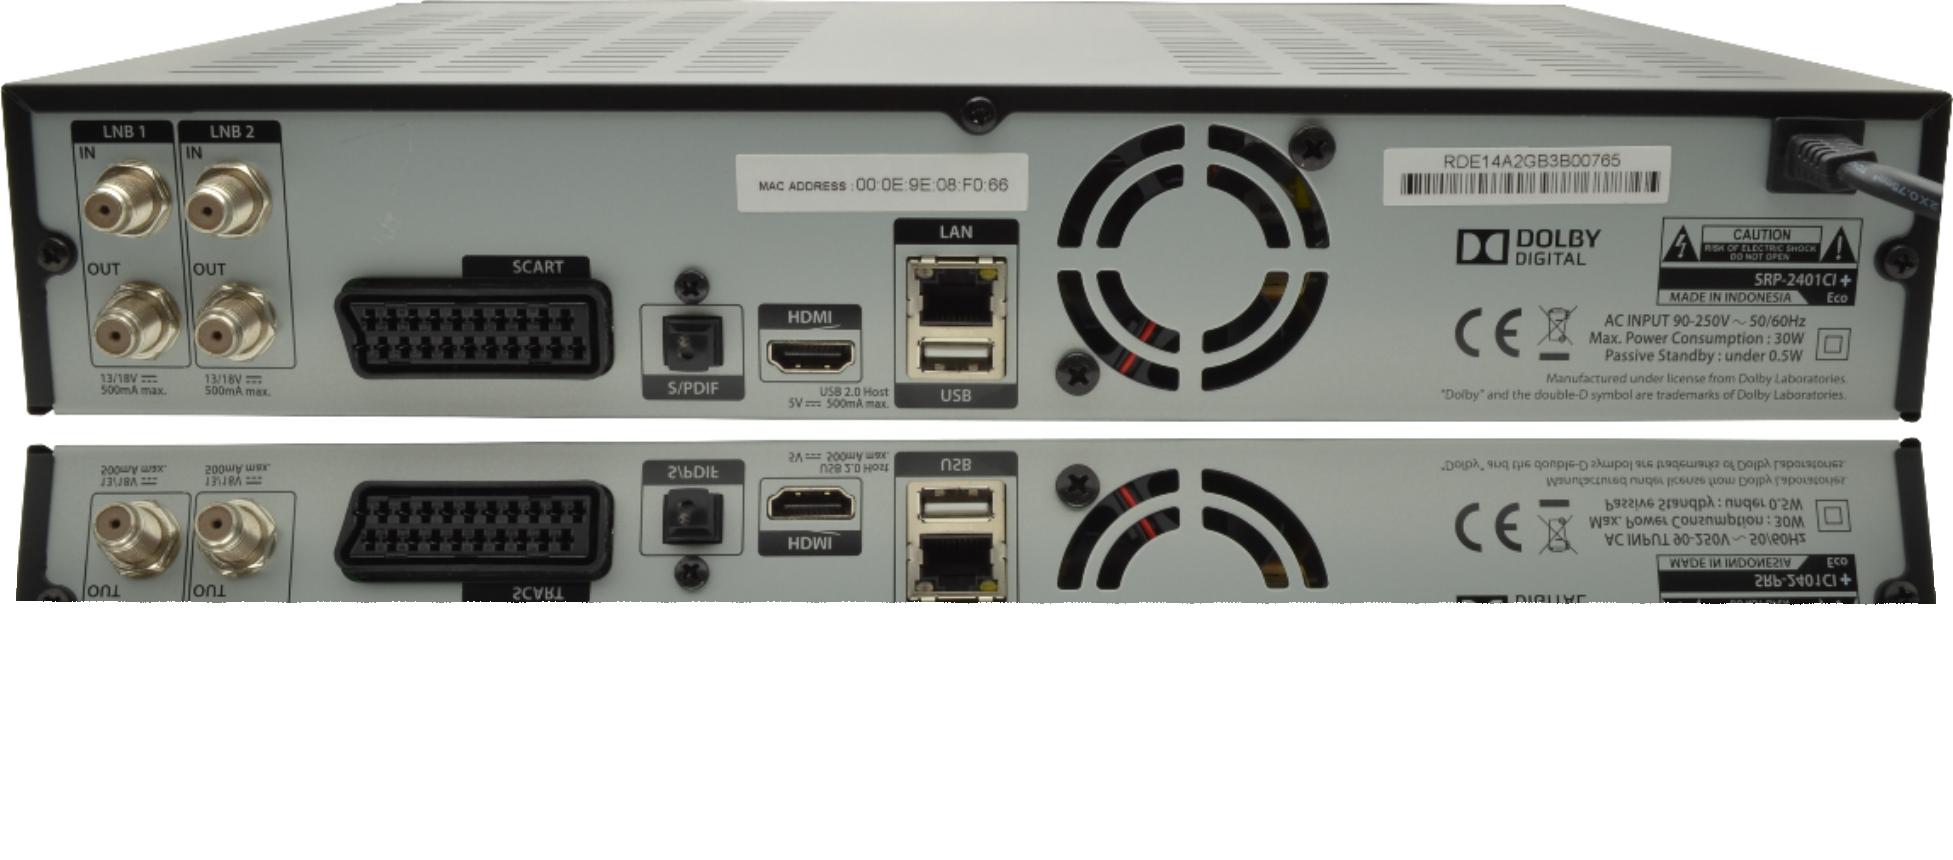 Auf der Rückseite der ECO von Topfield SRP2401 mit CI+ haben Sie 2 SAT Eingänge für die Twin-Nutzung. Scart für Analog Fernseher, Optisches Digital Audio Out, HDMI USB und Ethernet LAN Netzwerk